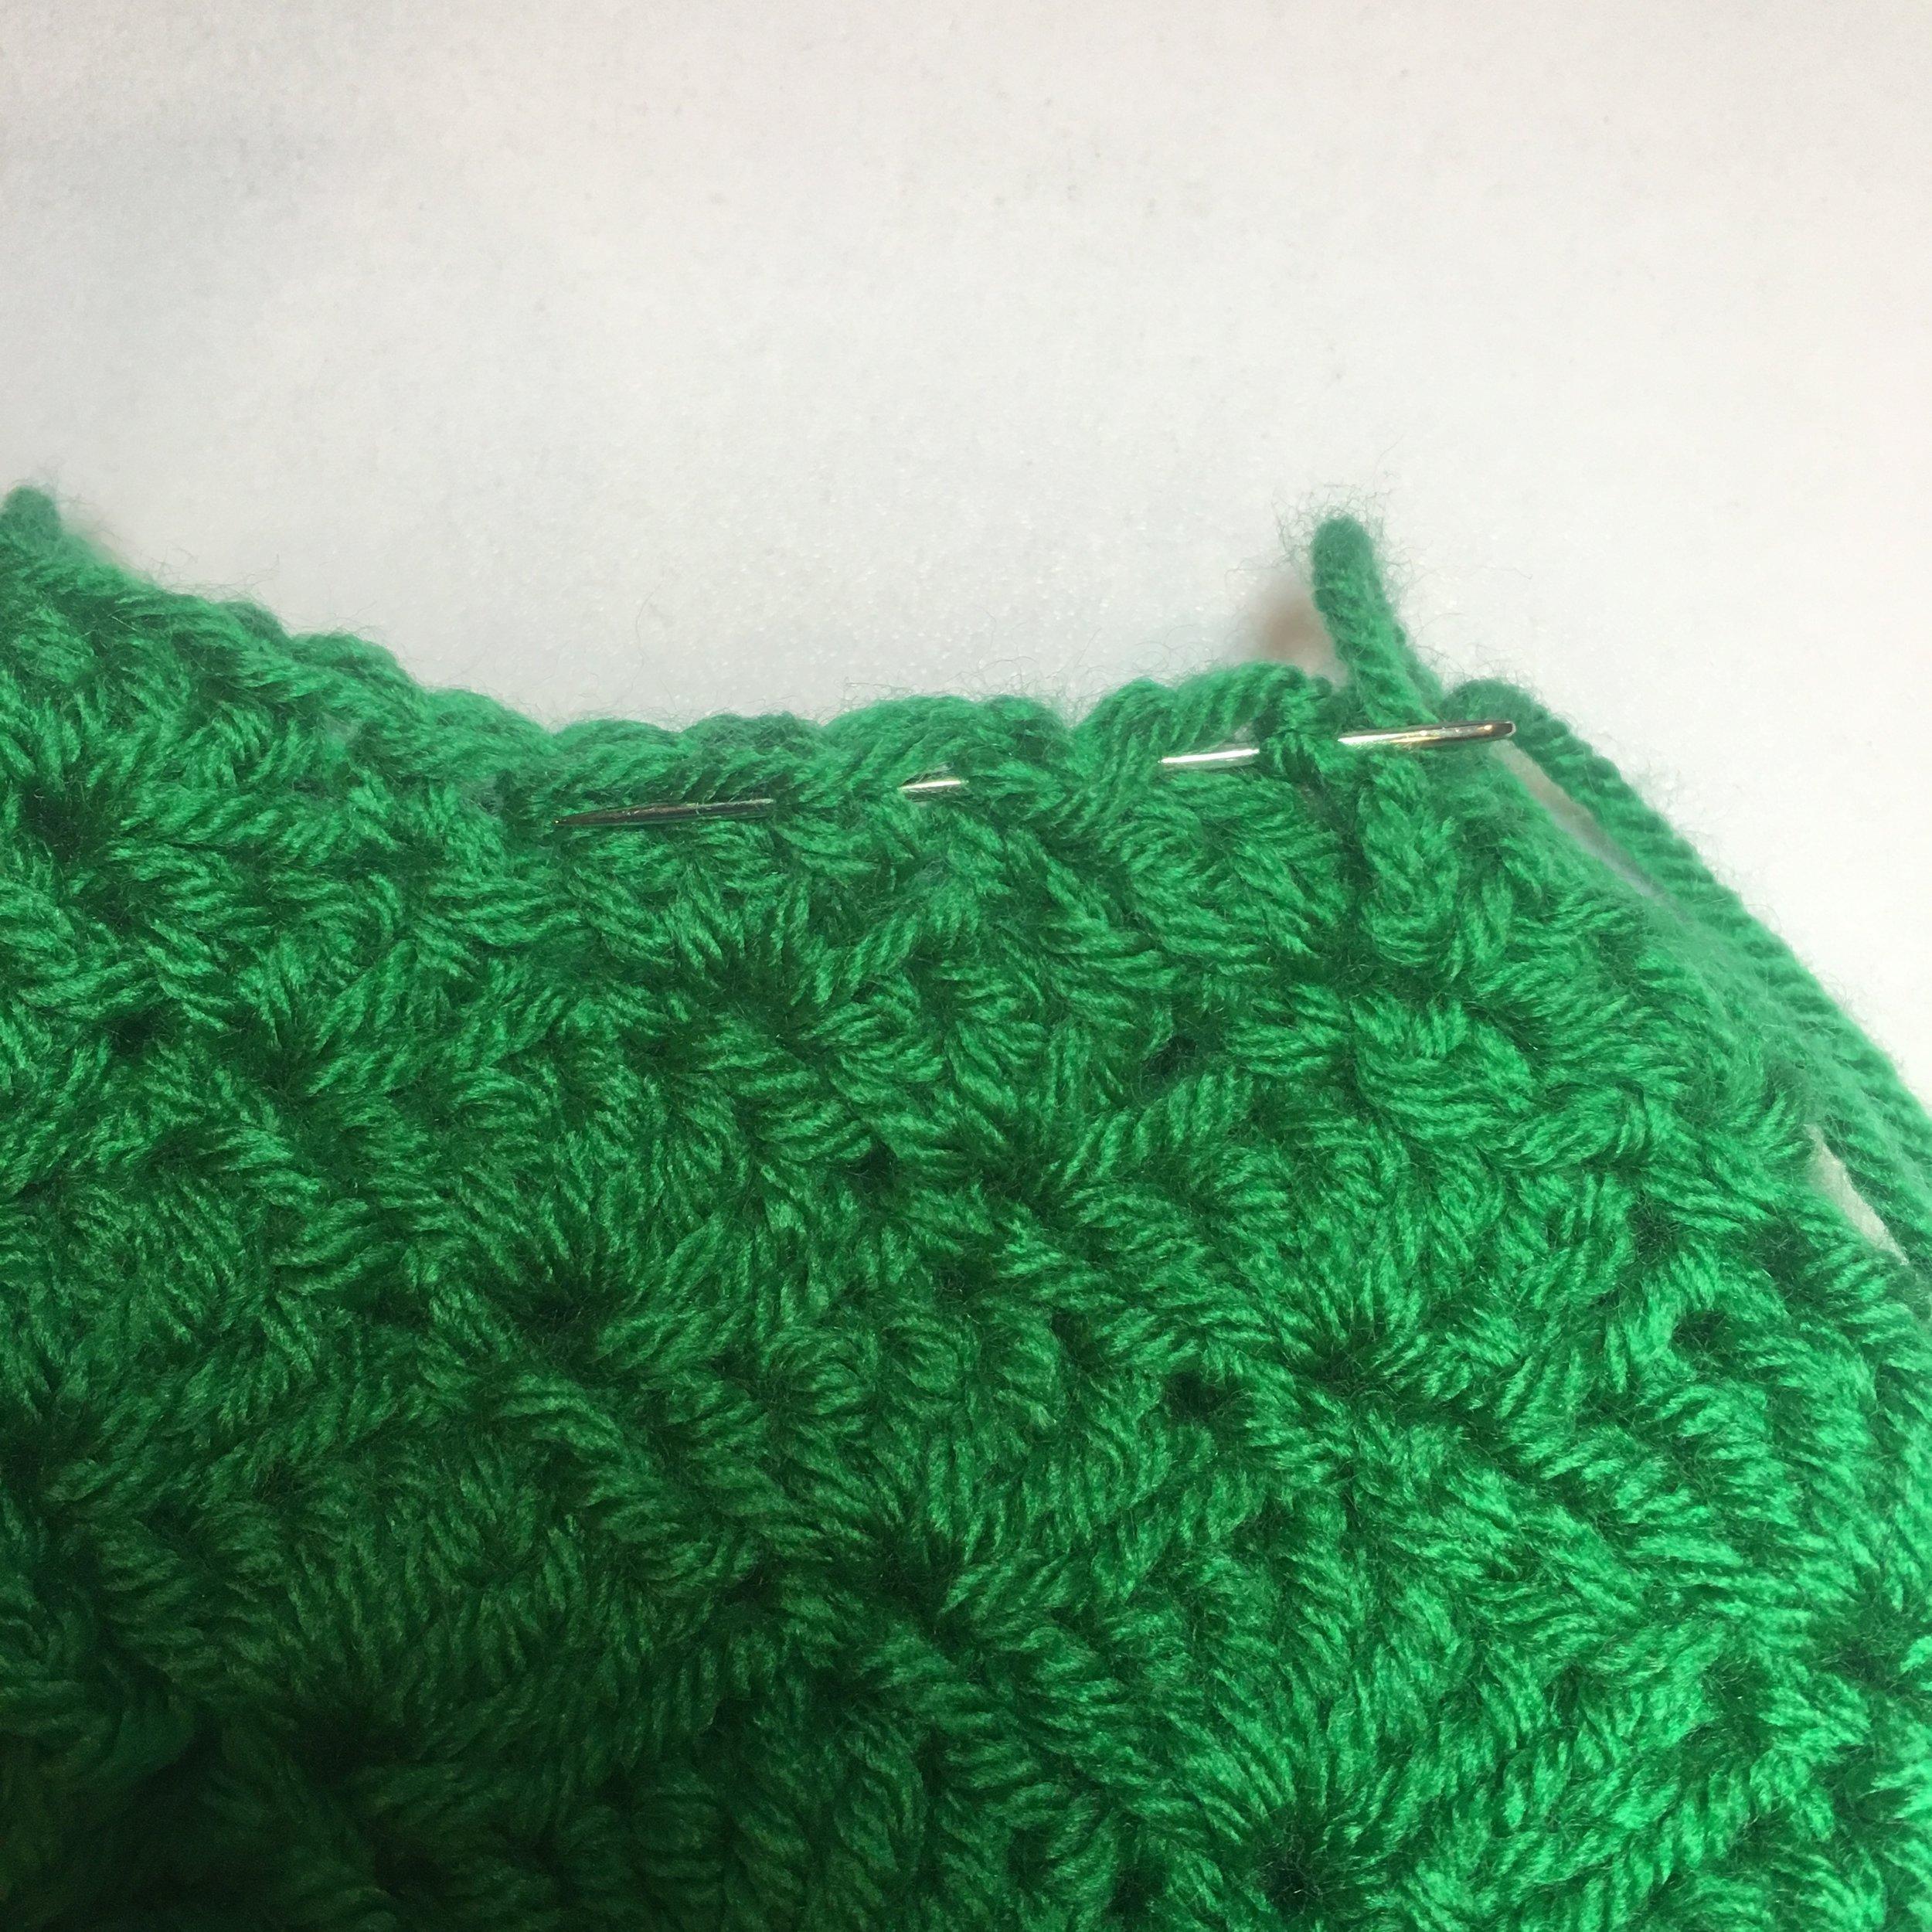 Weaving through top